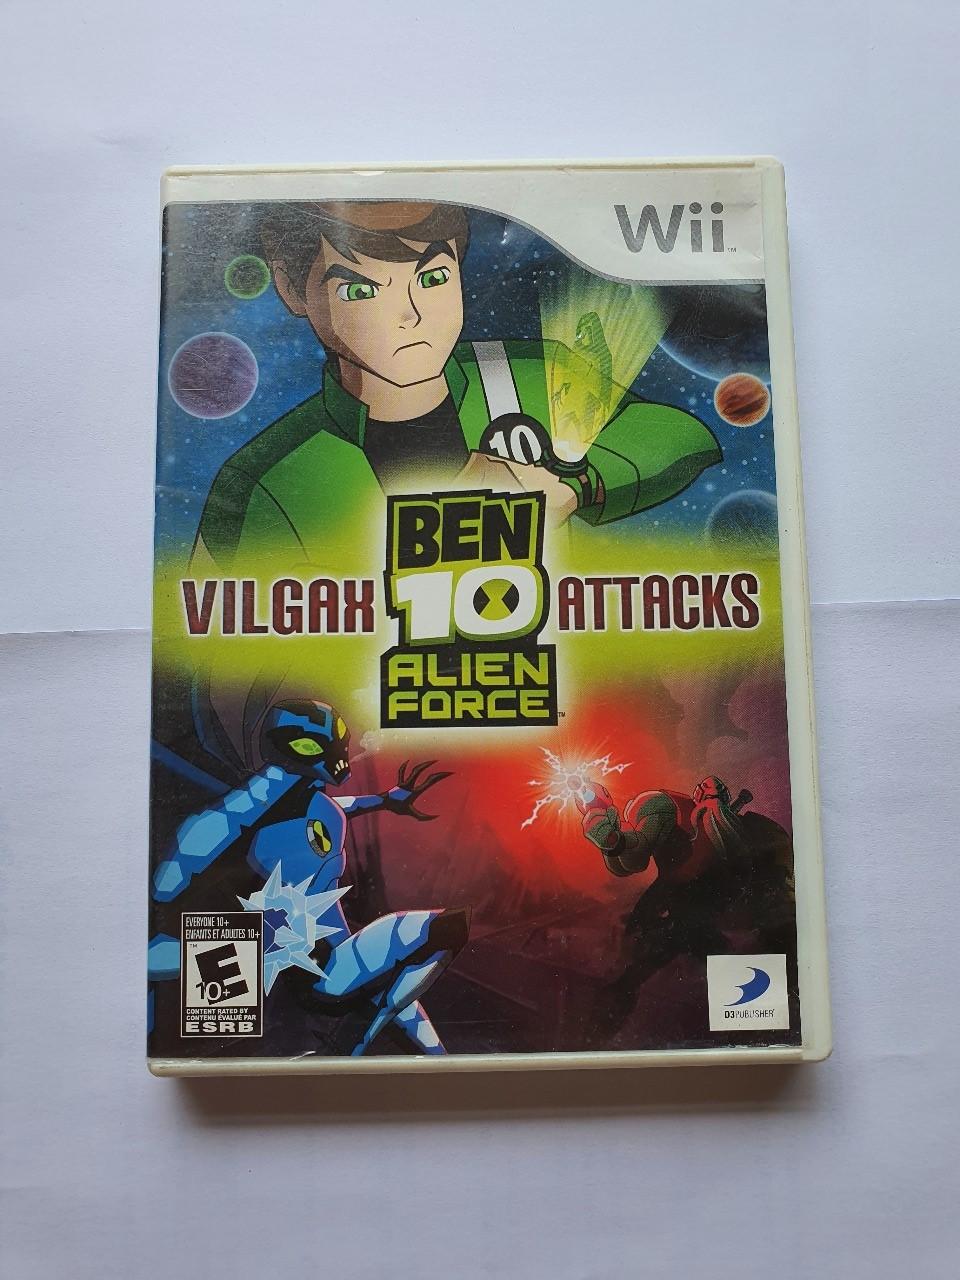 Ben 10 Alien Force: Vilgax Attacks - Usado - Wii